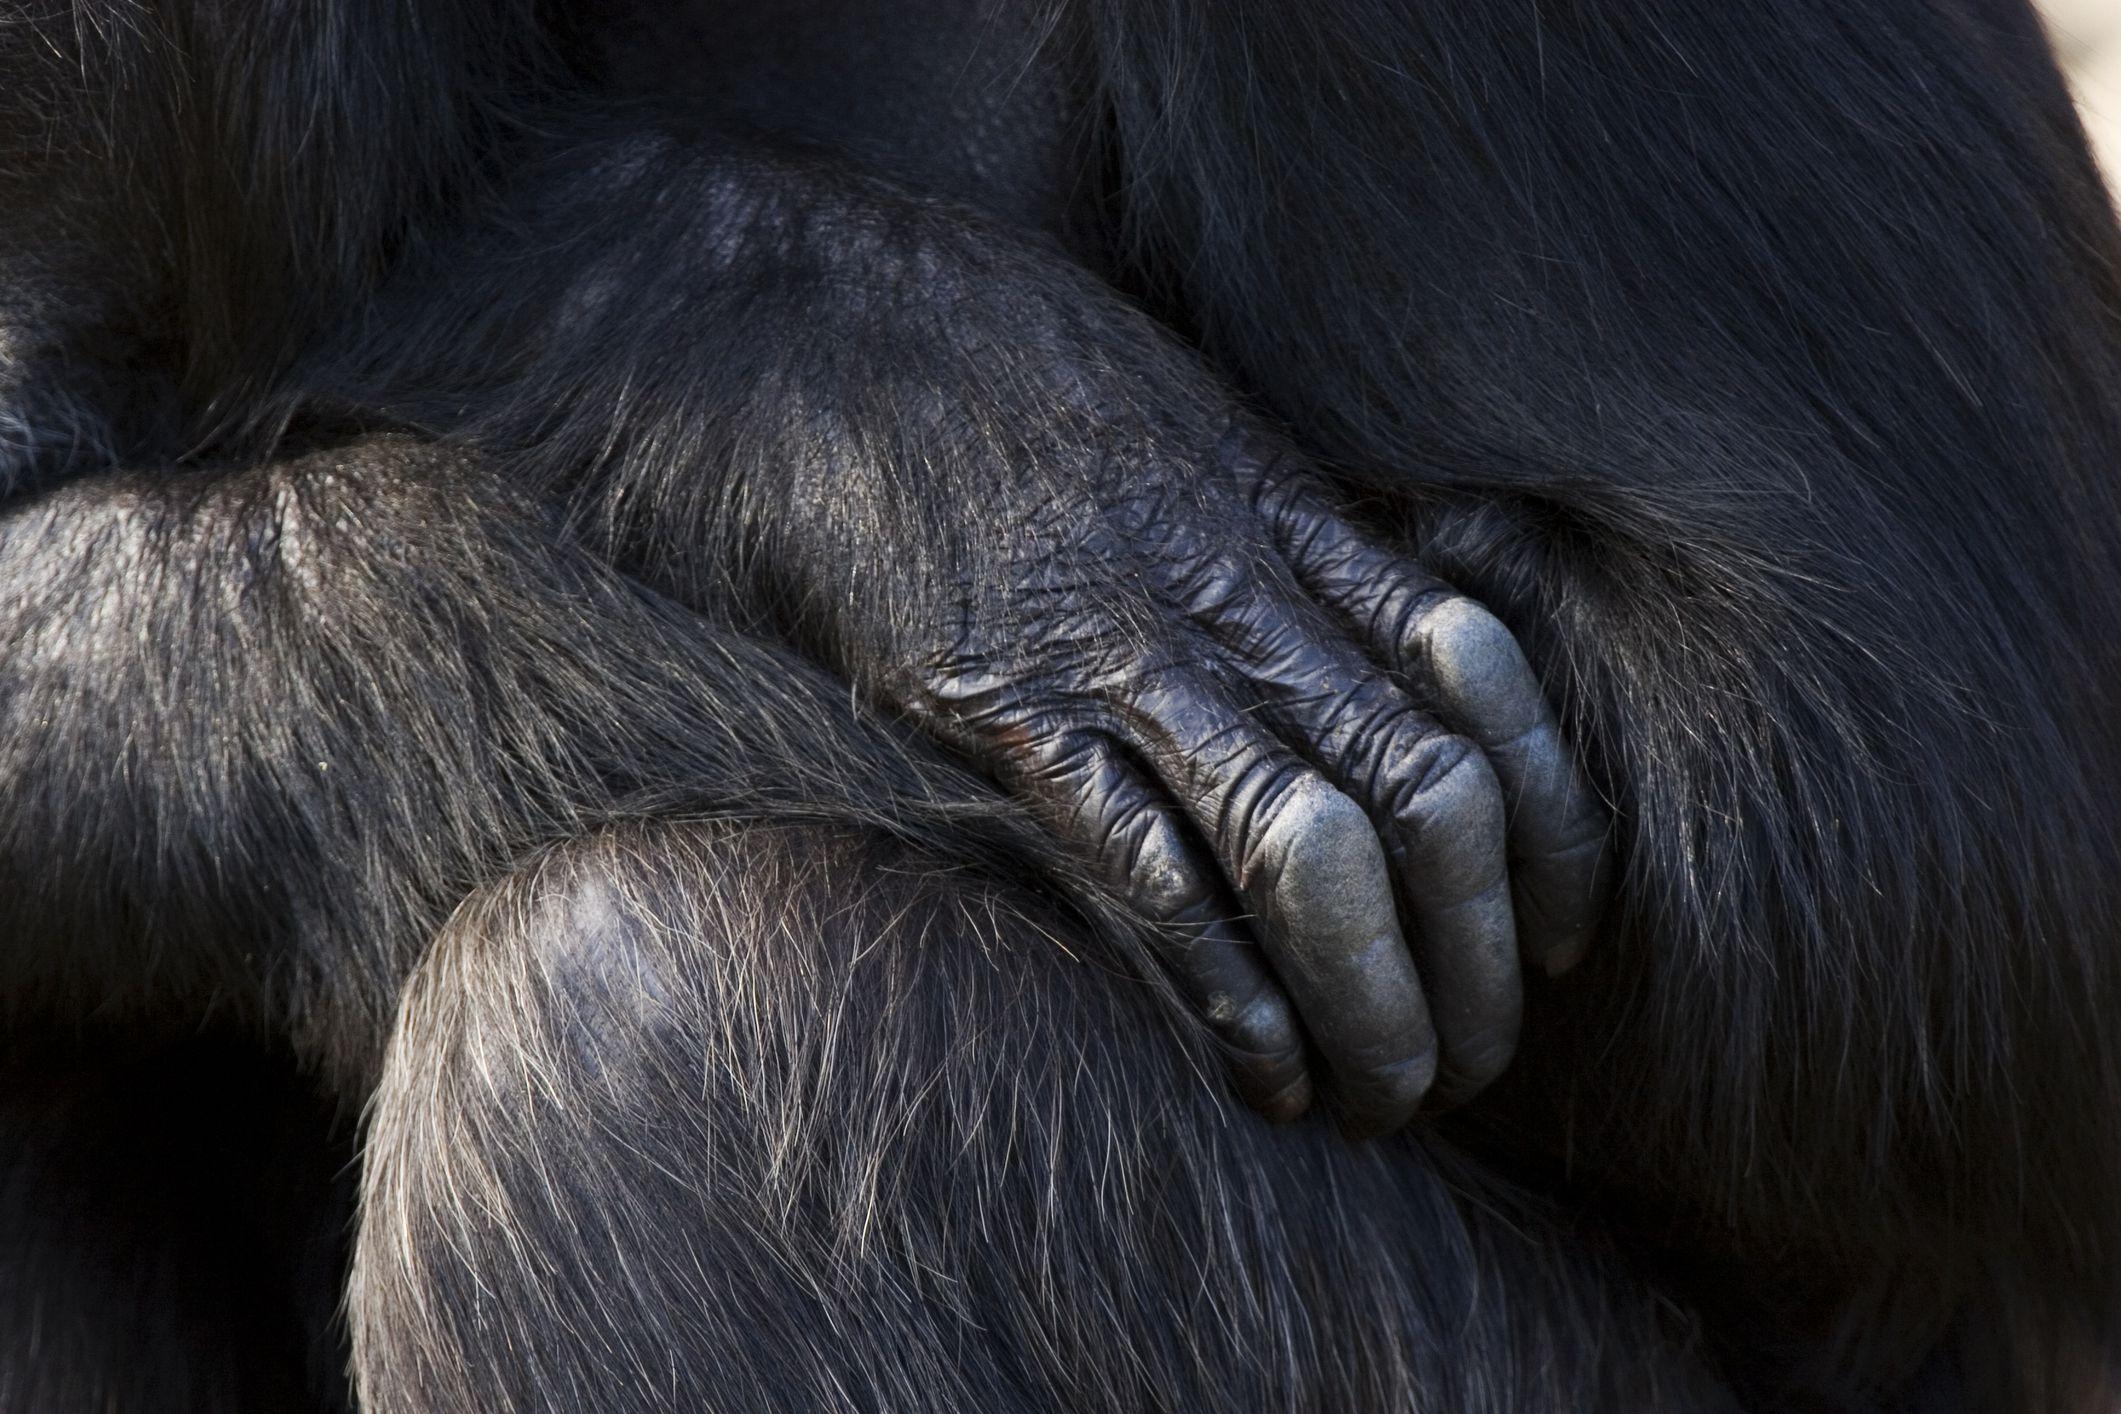 Mano del chimpancé